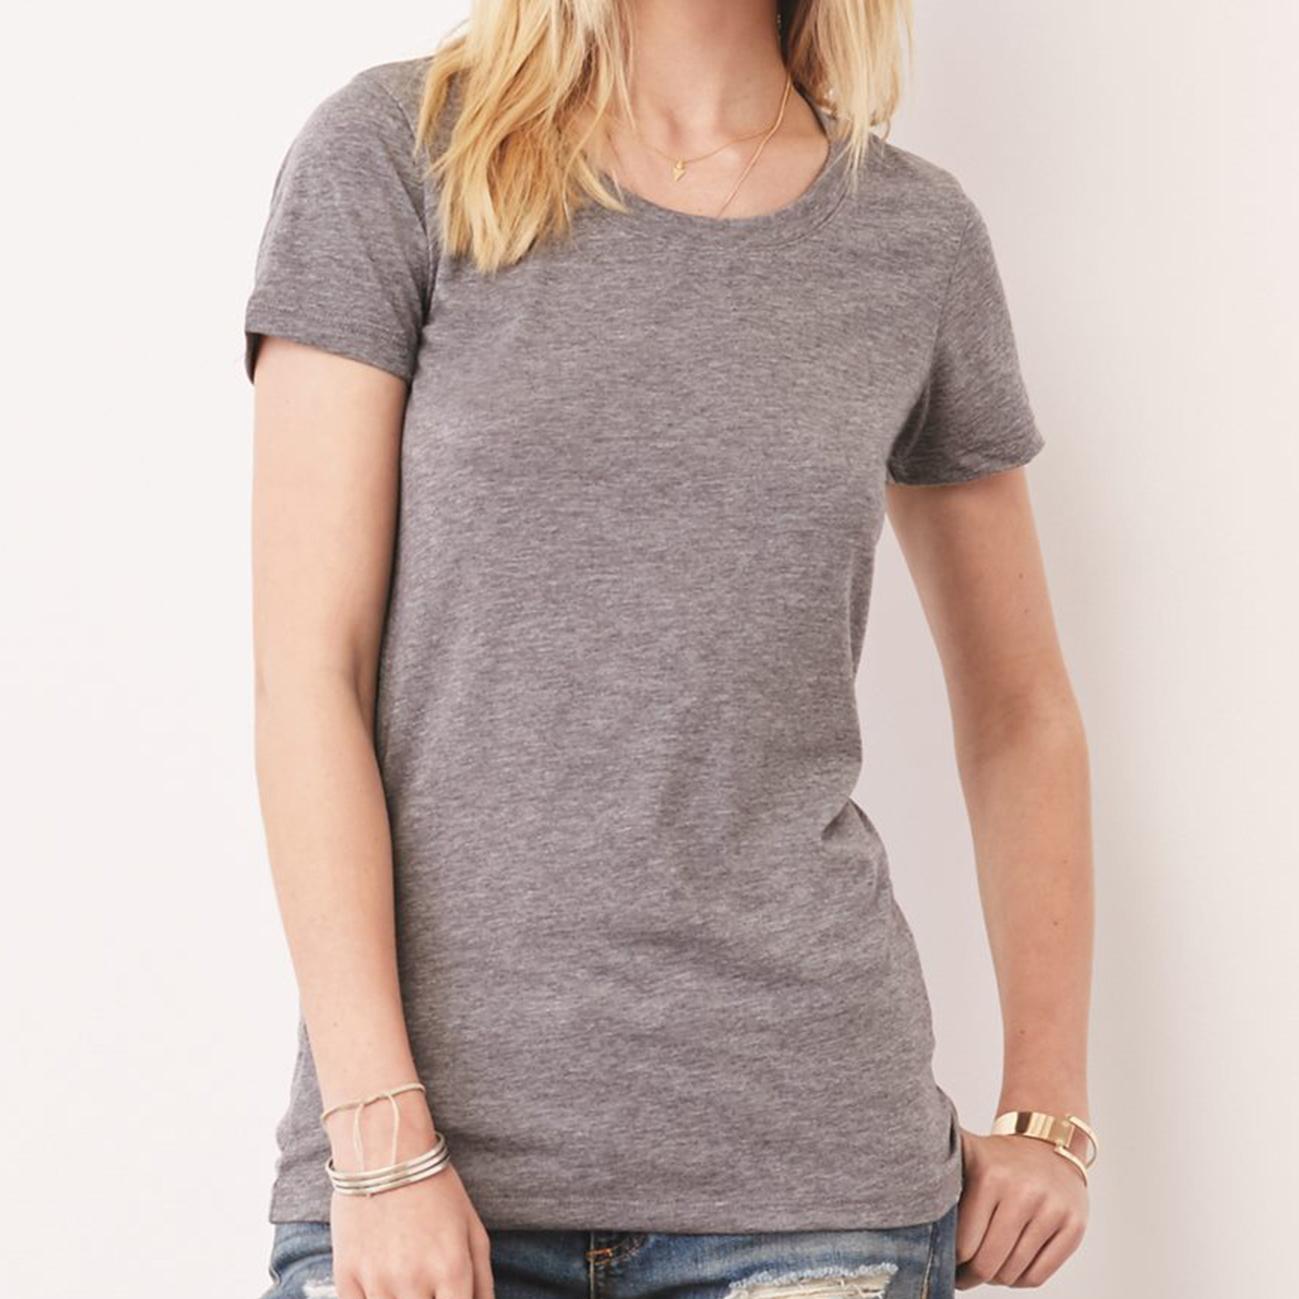 Women's Triblend Short Sleeve Tee